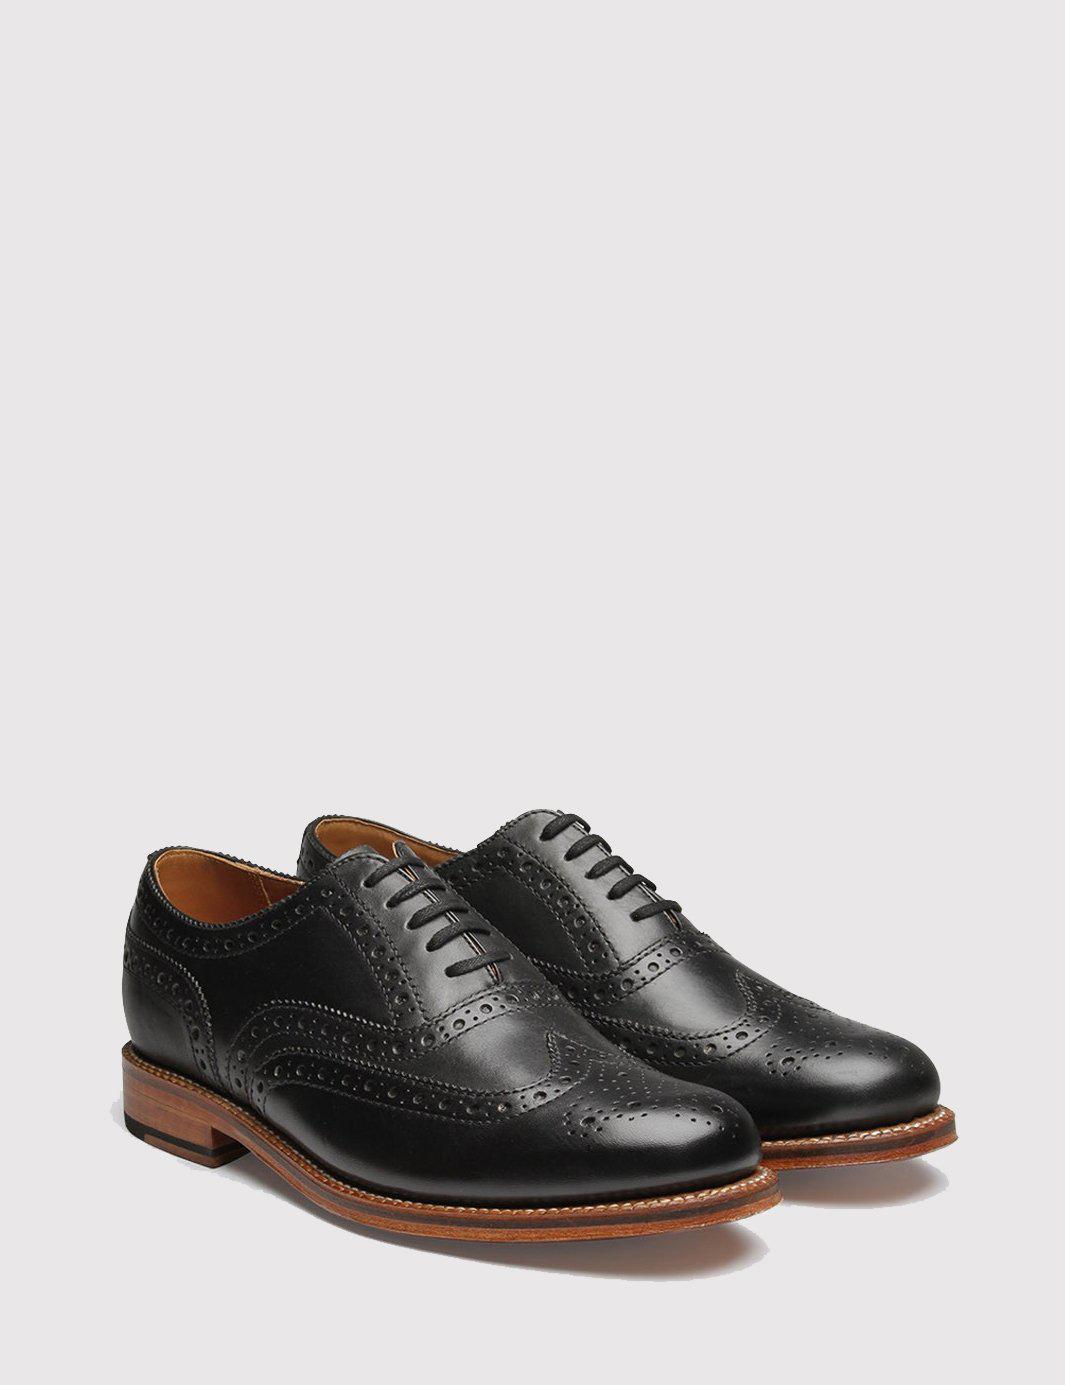 huge selection of 56ac3 21b17 grenson-Black-Angus-Calf-Brogue-Shoes.jpeg